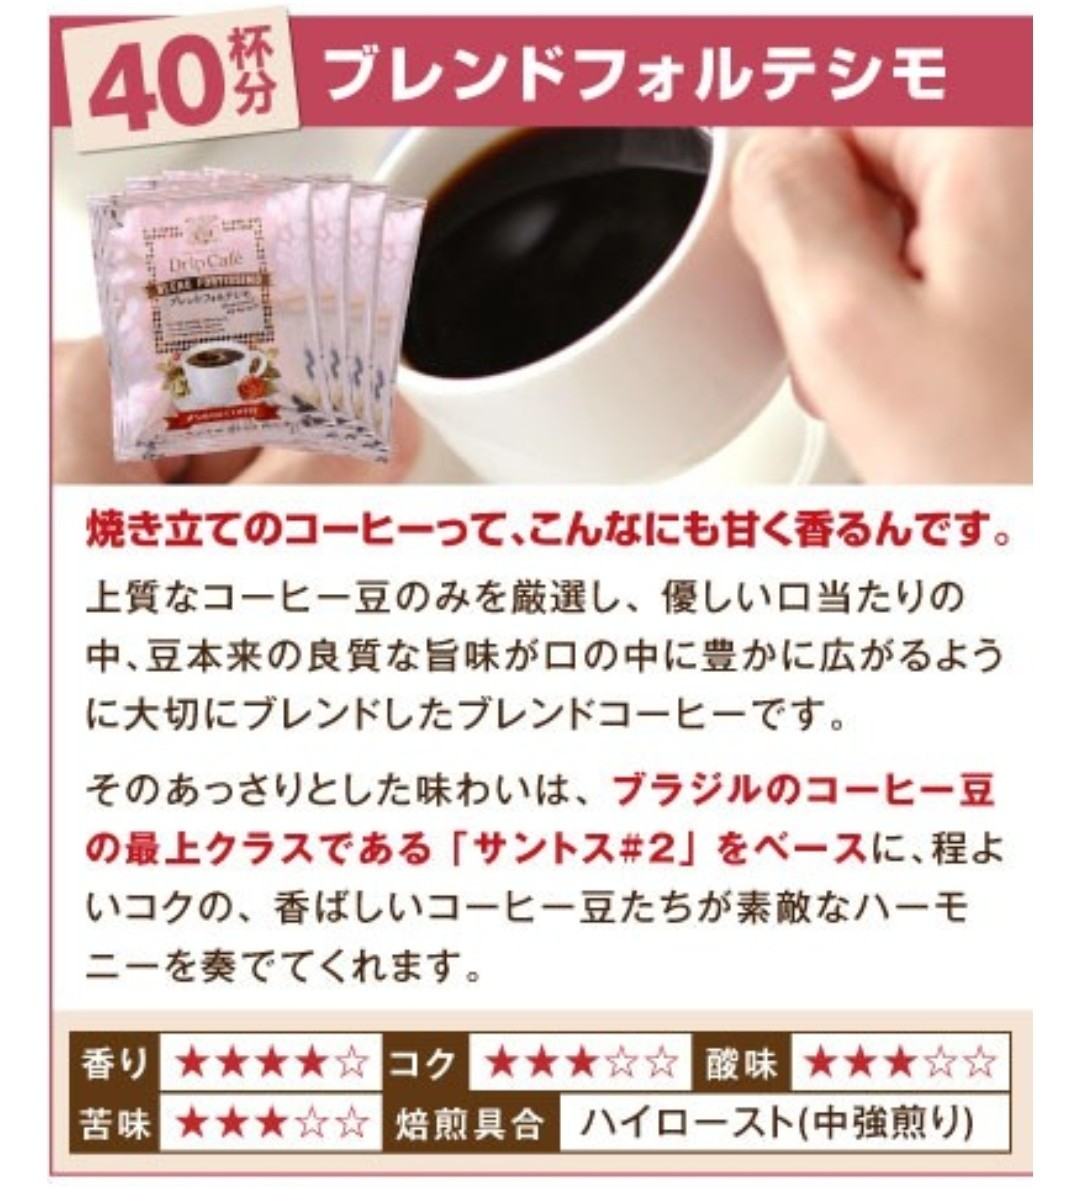 澤井珈琲 8種類 ドリップコーヒー バラエティーセット 計20杯分